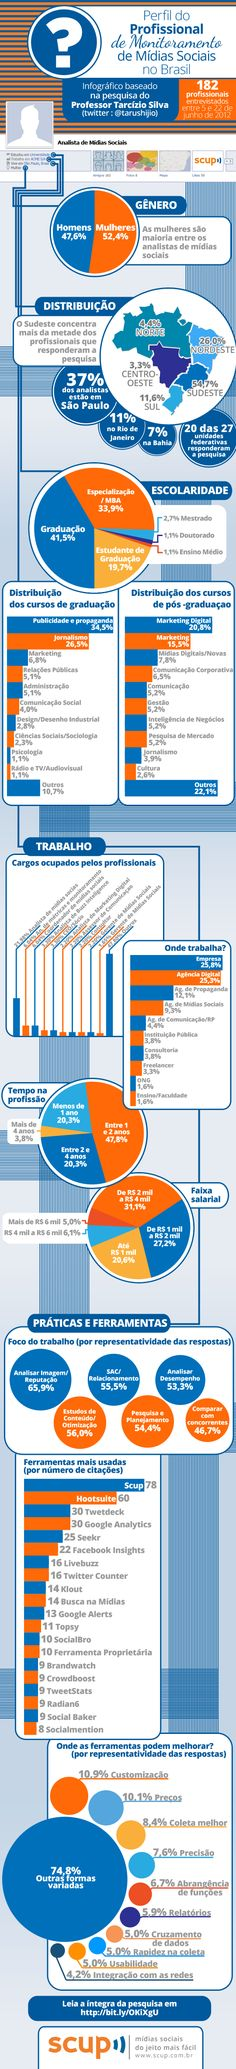 O perfil do profissional de monitoramento de mídias sociais no Brasil.